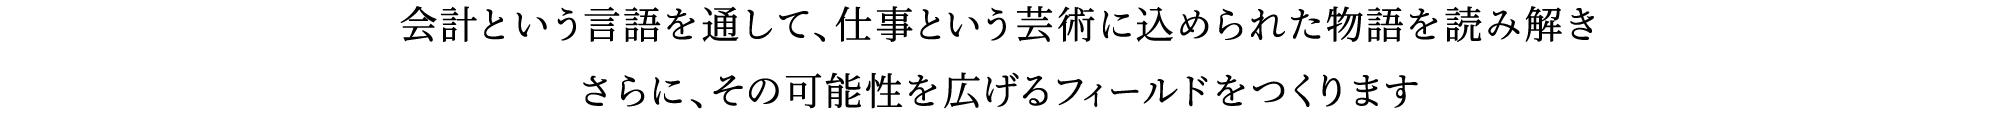 内容_理念